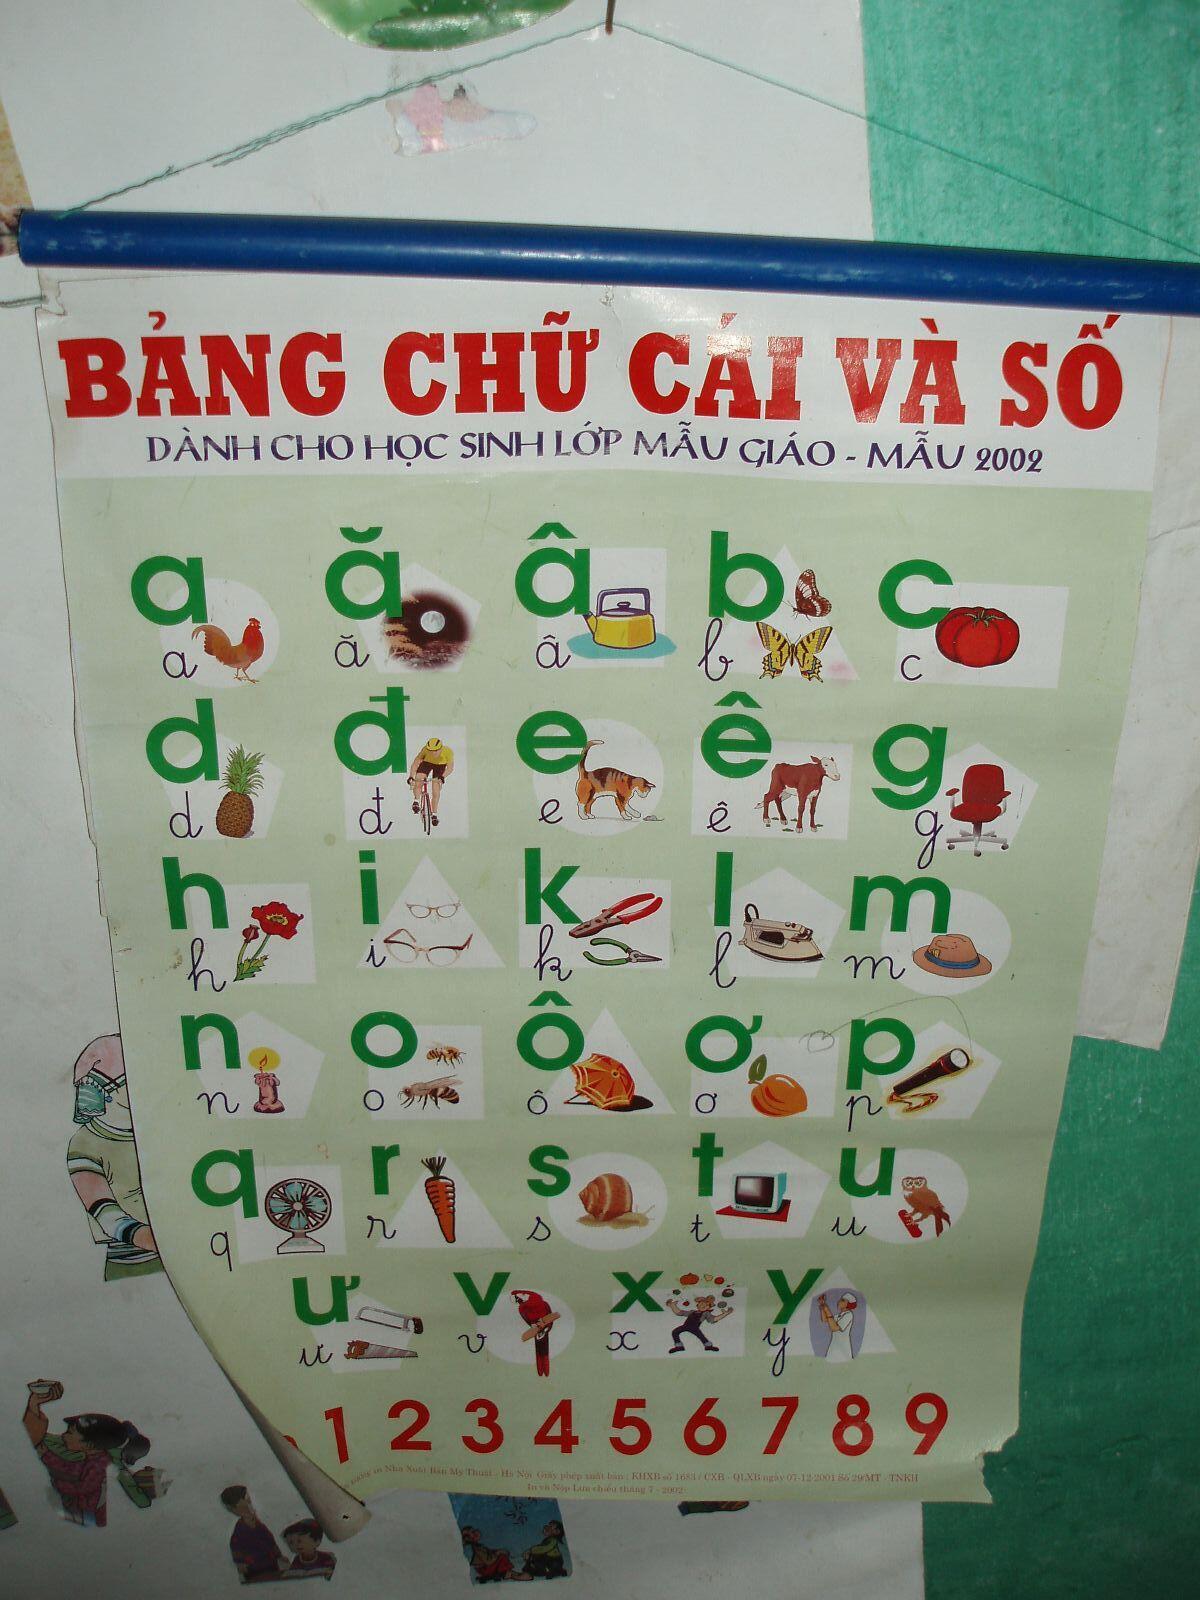 Bảng chữ cái trong một lớp mẫu giáo ở Sapa